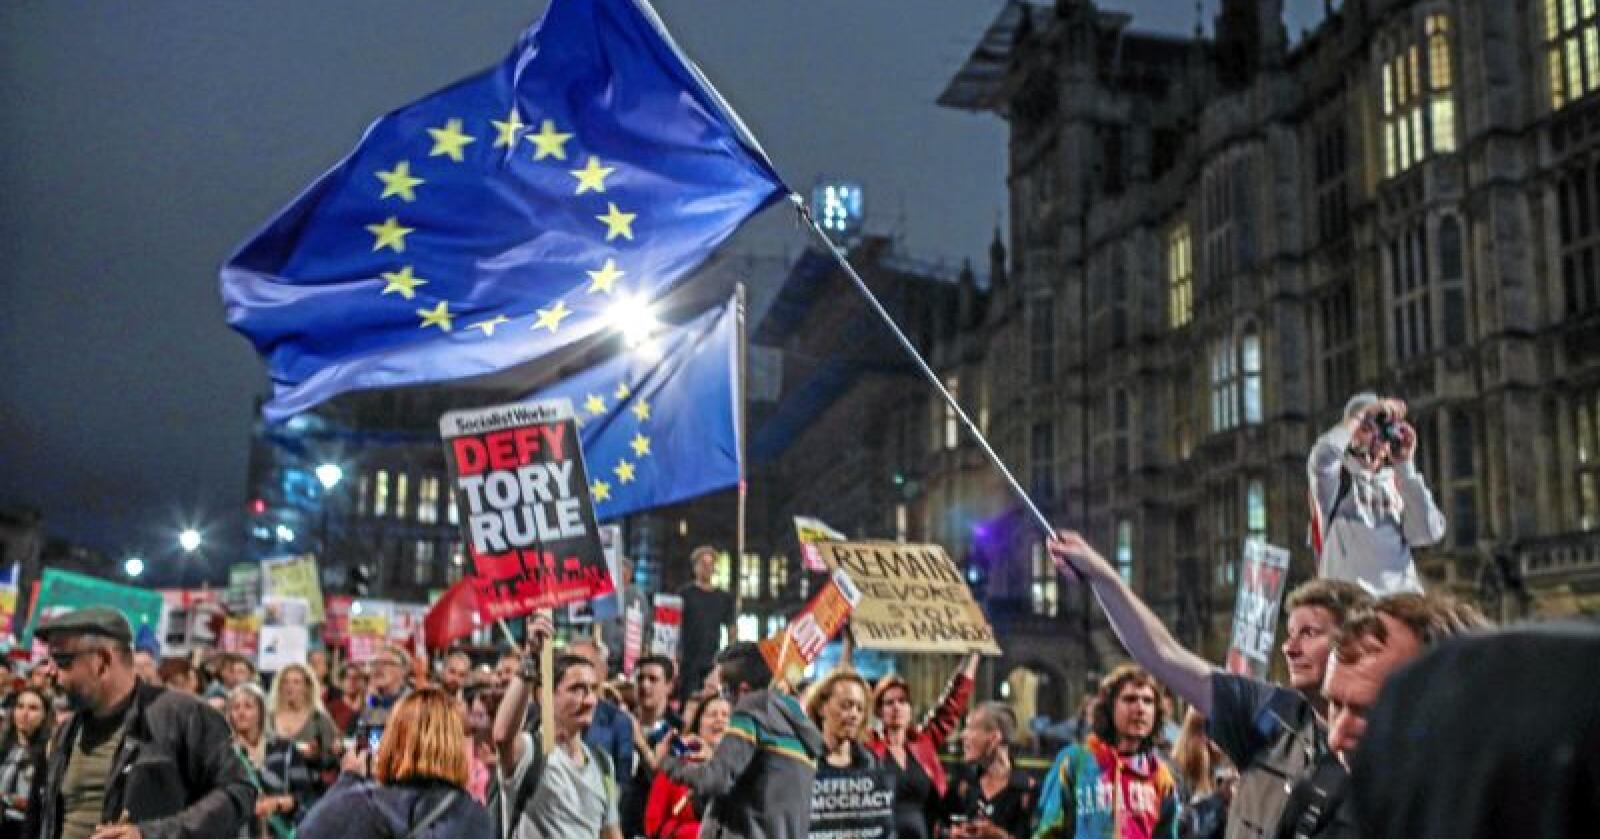 Utenfor Parlamentet var det tirsdag kveld demonstrasjon mot regjeringen og mot brexit. Onsdag skal representantene debattere et forslag om enda en utsettelse av EU-utmeldingen. Foto: Vudi Xhymshiti / AP / NTB scanpix